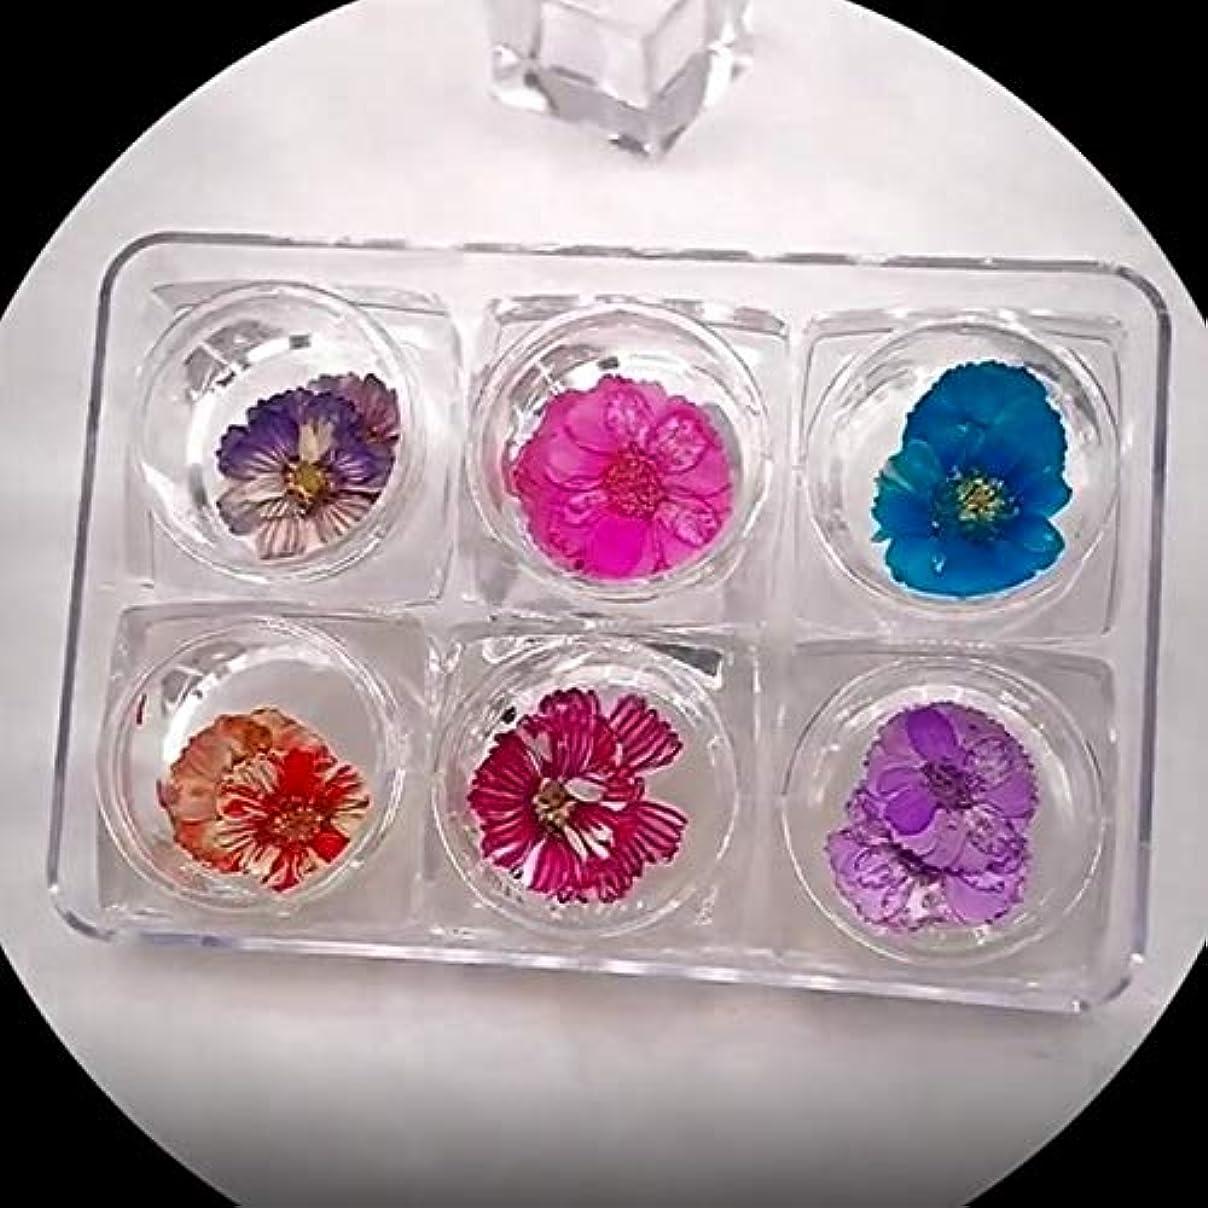 ハンマーブリーフケースとしてOU-Kunmlef 人気の新しい6色ネイルアートアップリケジュエリーセット日本の乾燥花の花びら永遠の花の結晶装飾(None Picture Color)